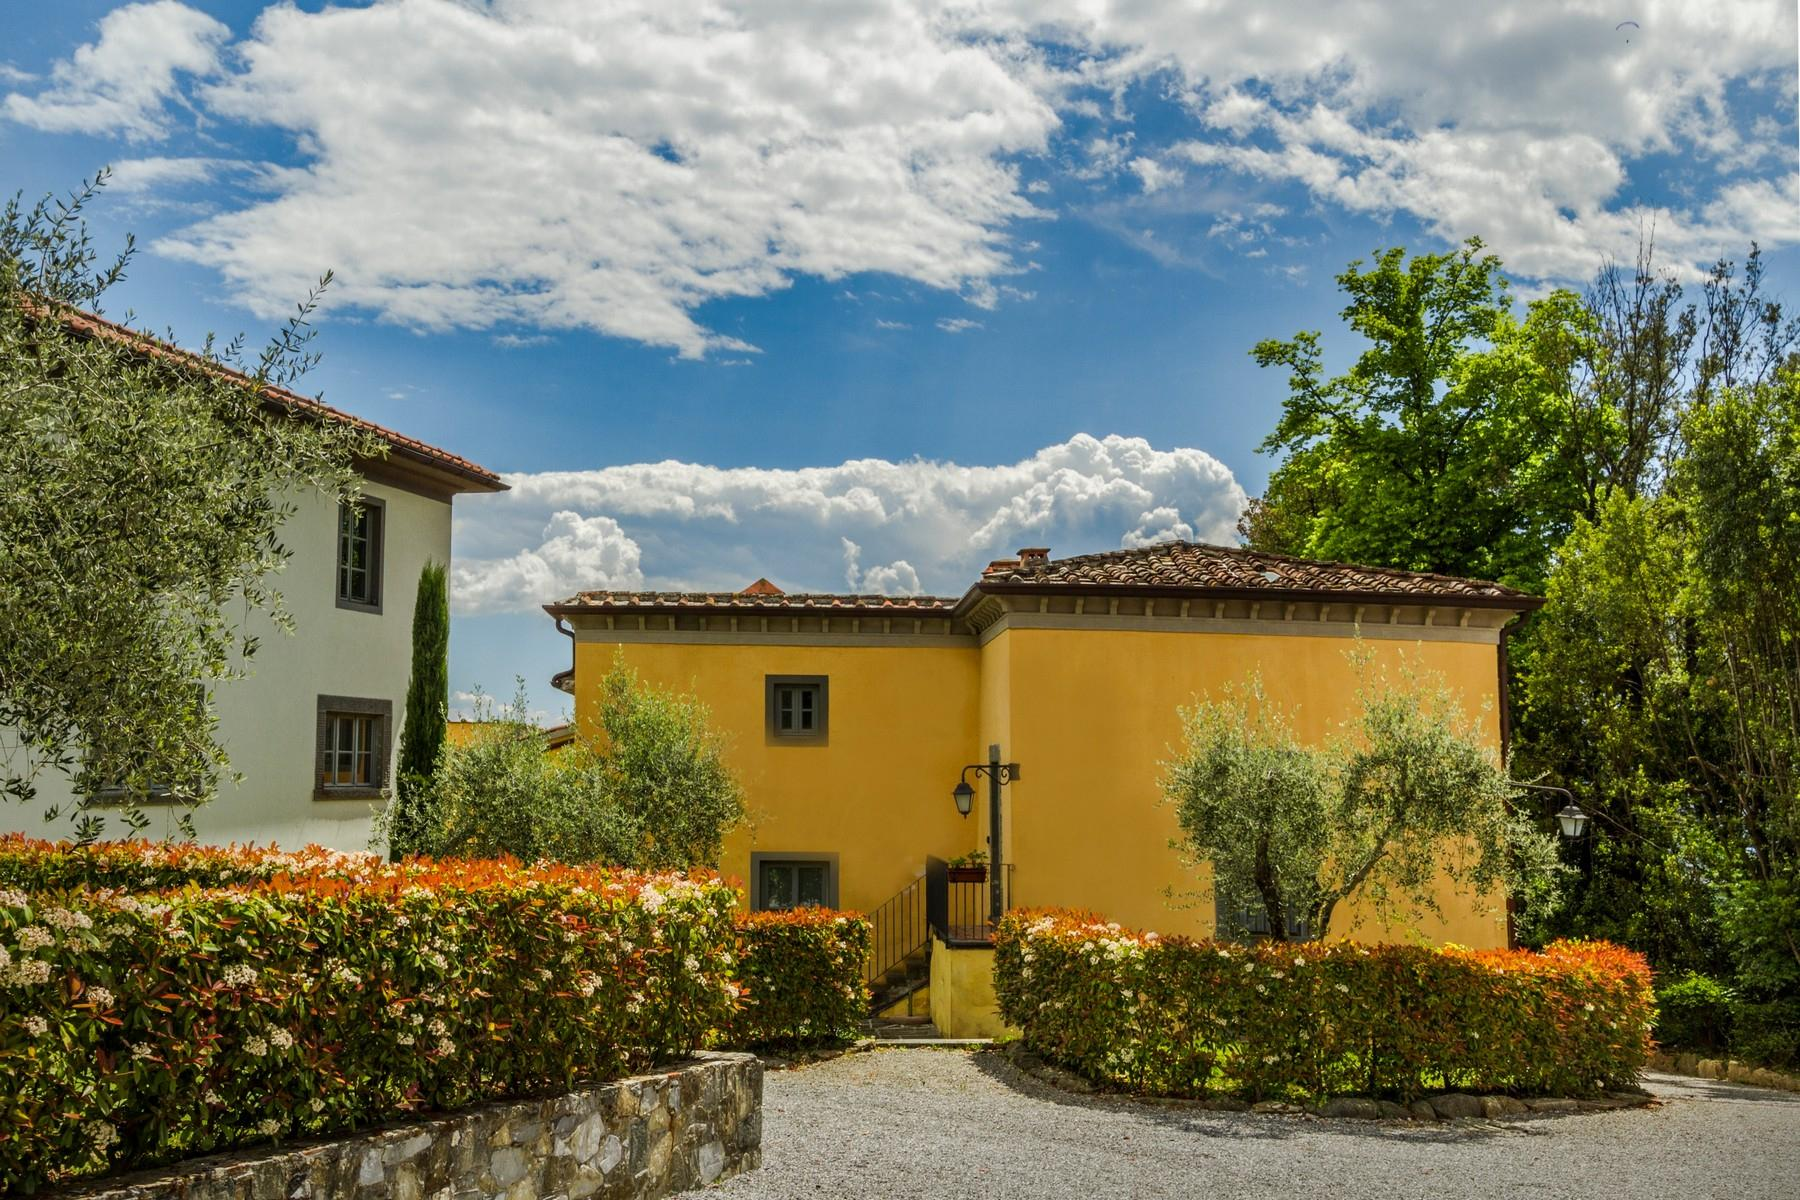 Appartamento di pregio in resort esclusivo con villa storica sulle colline di Lucca - 9